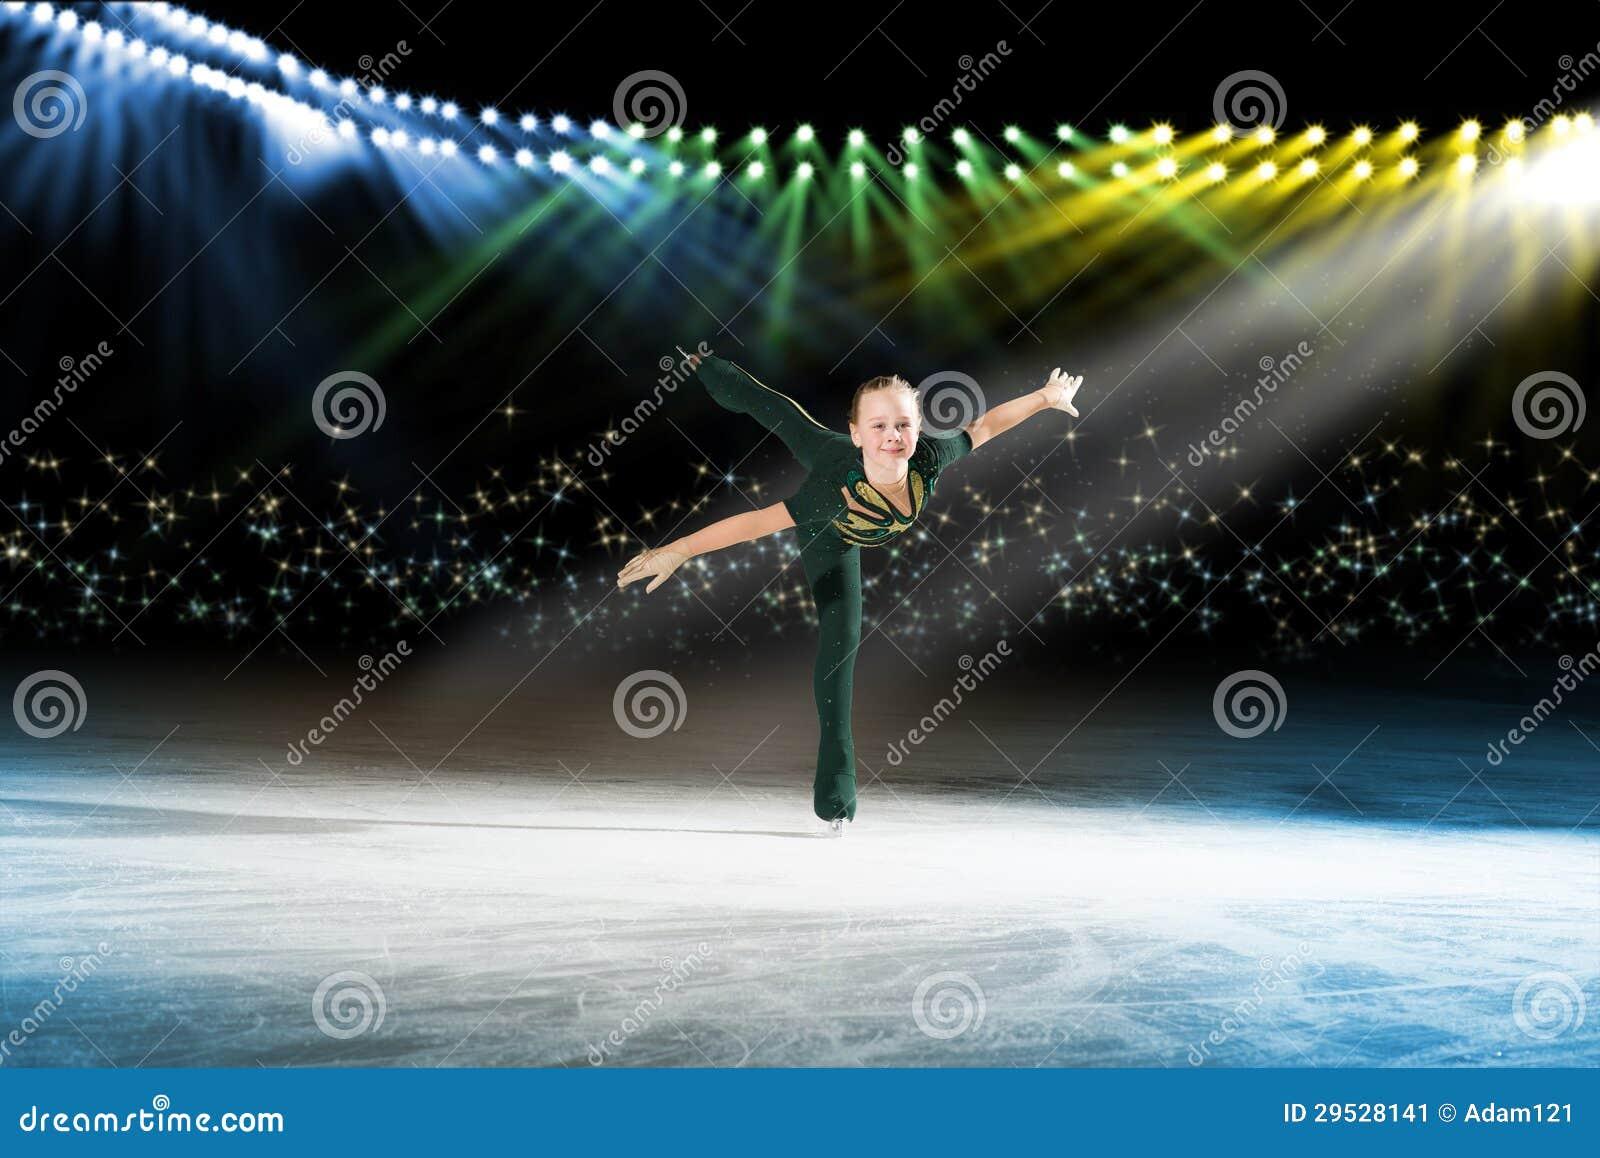 Desempenho de patinadores novos, mostra de gelo